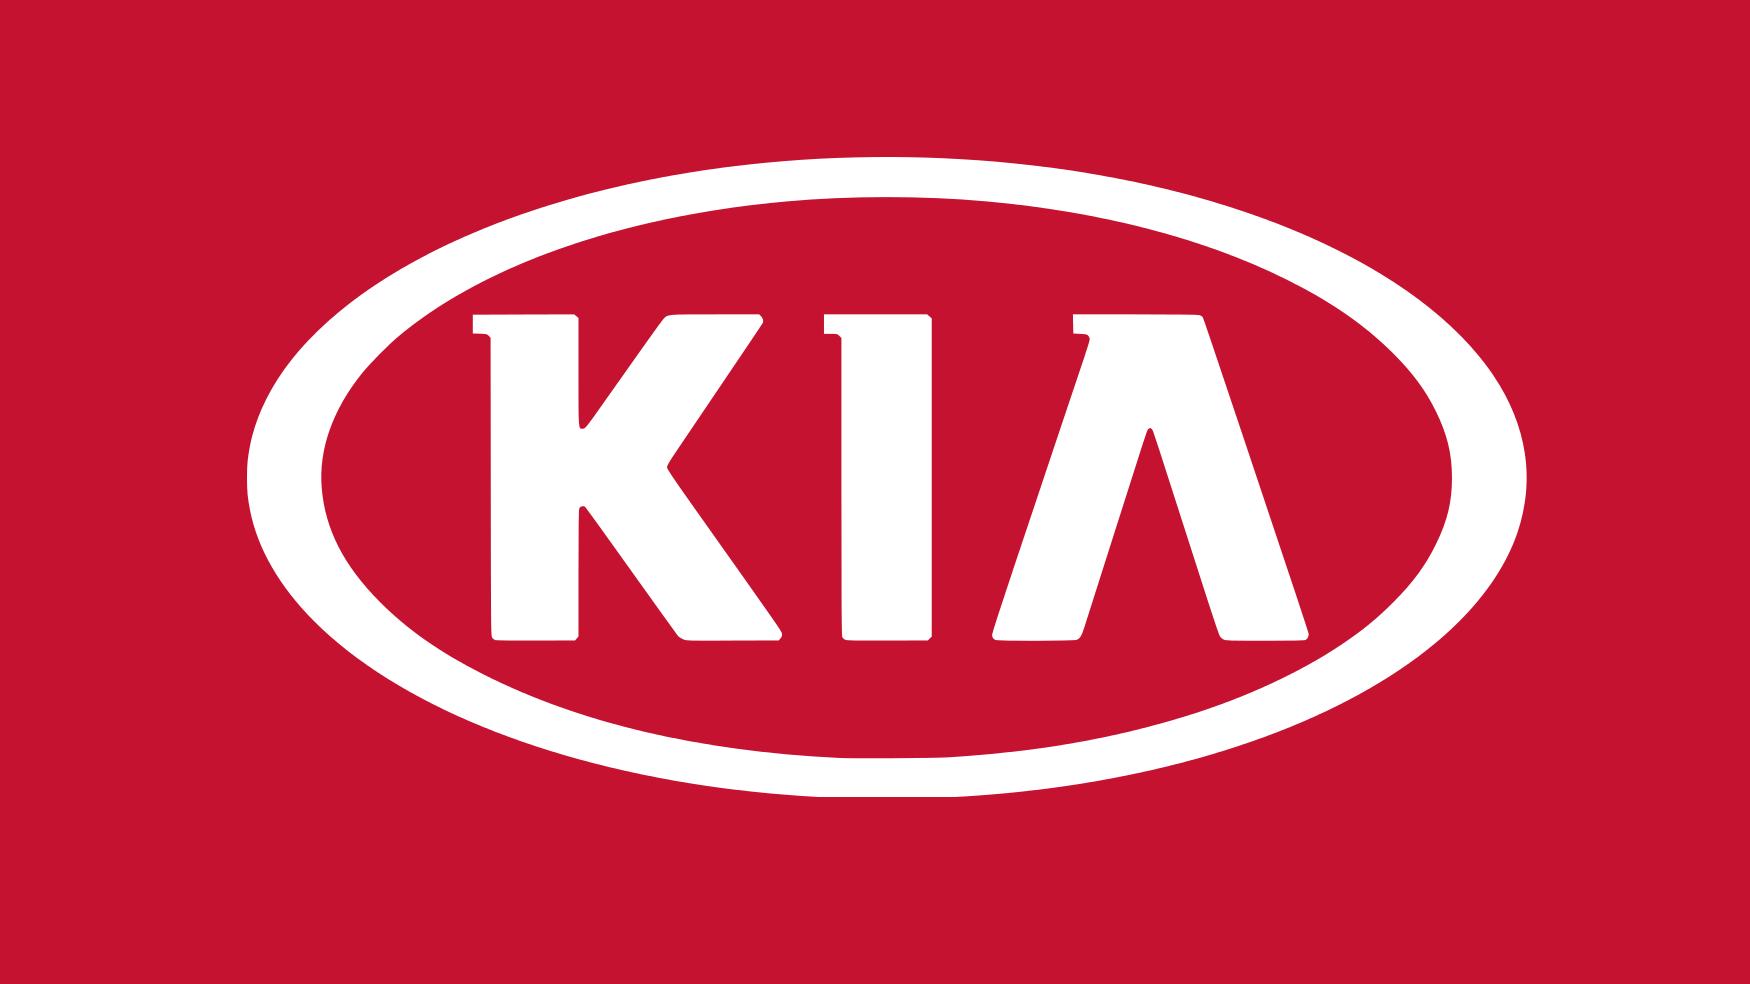 Kia Logos